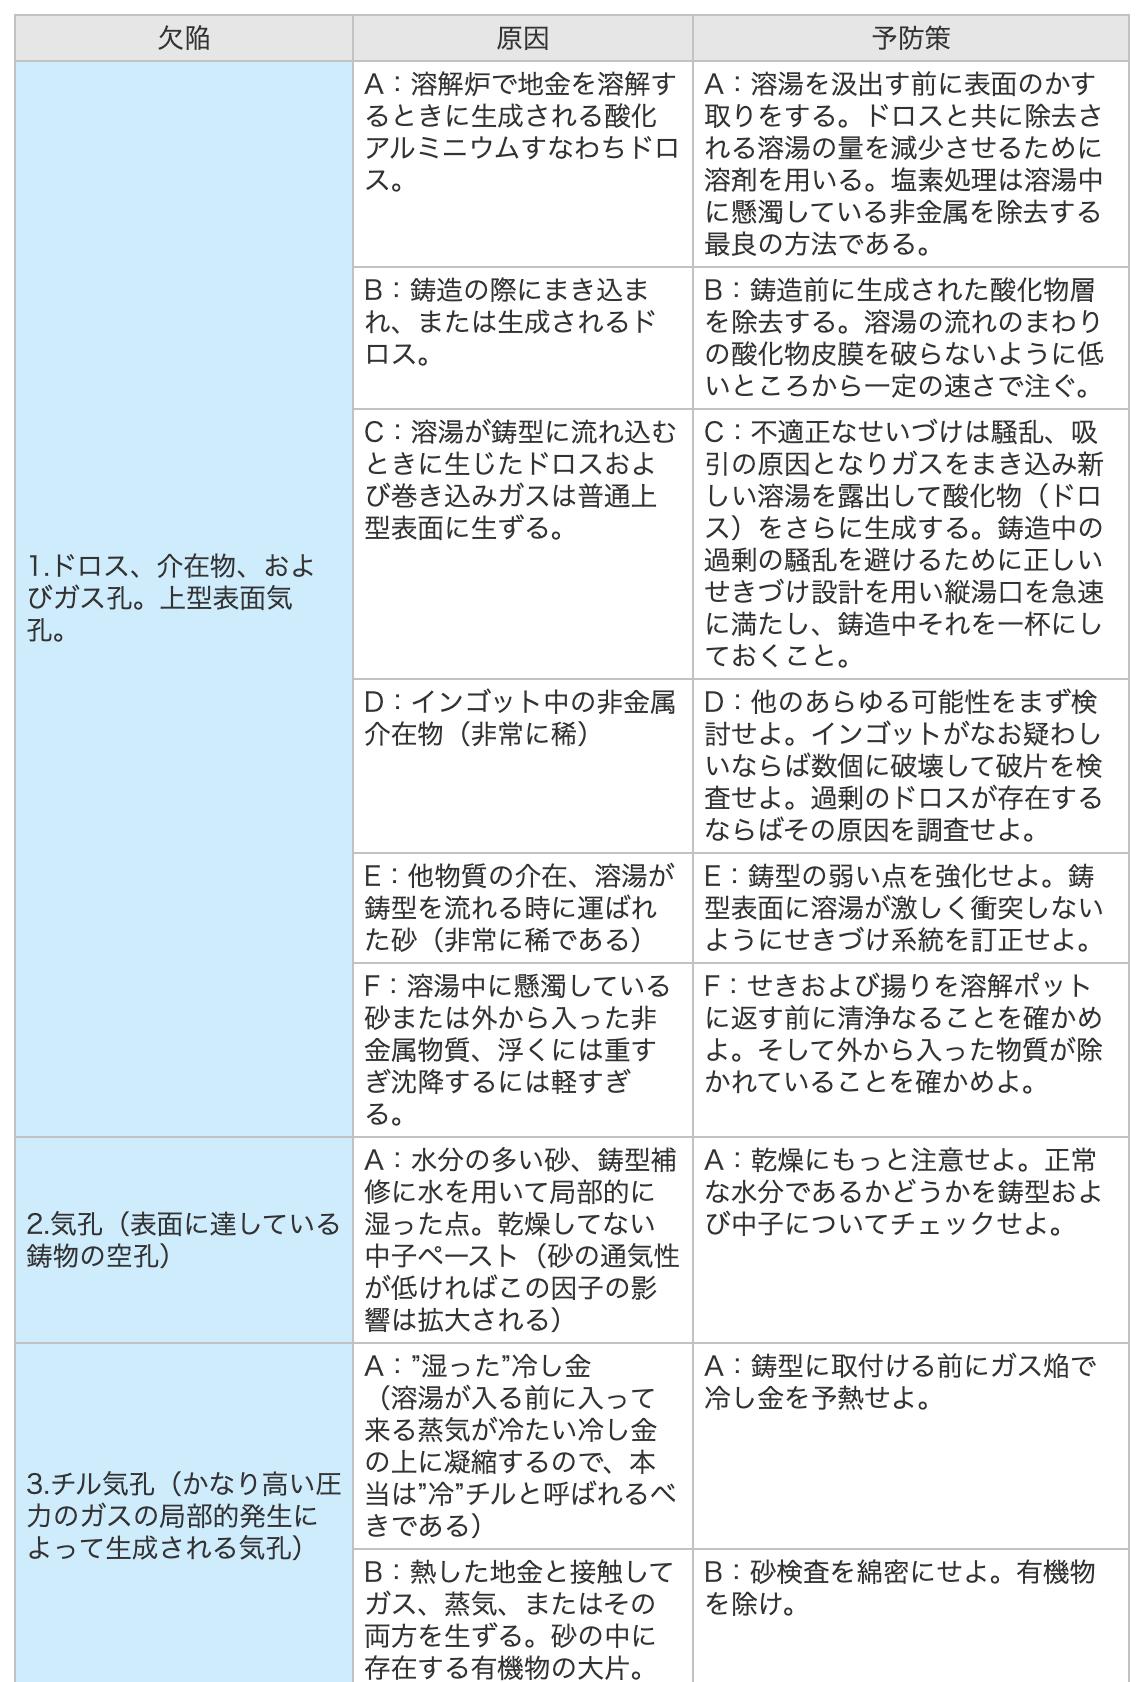 アルミ鋳造,アルミ鋳物,ドロス・介在物及ガス気孔・上型表面気孔・チル気孔の原因と予防策の表